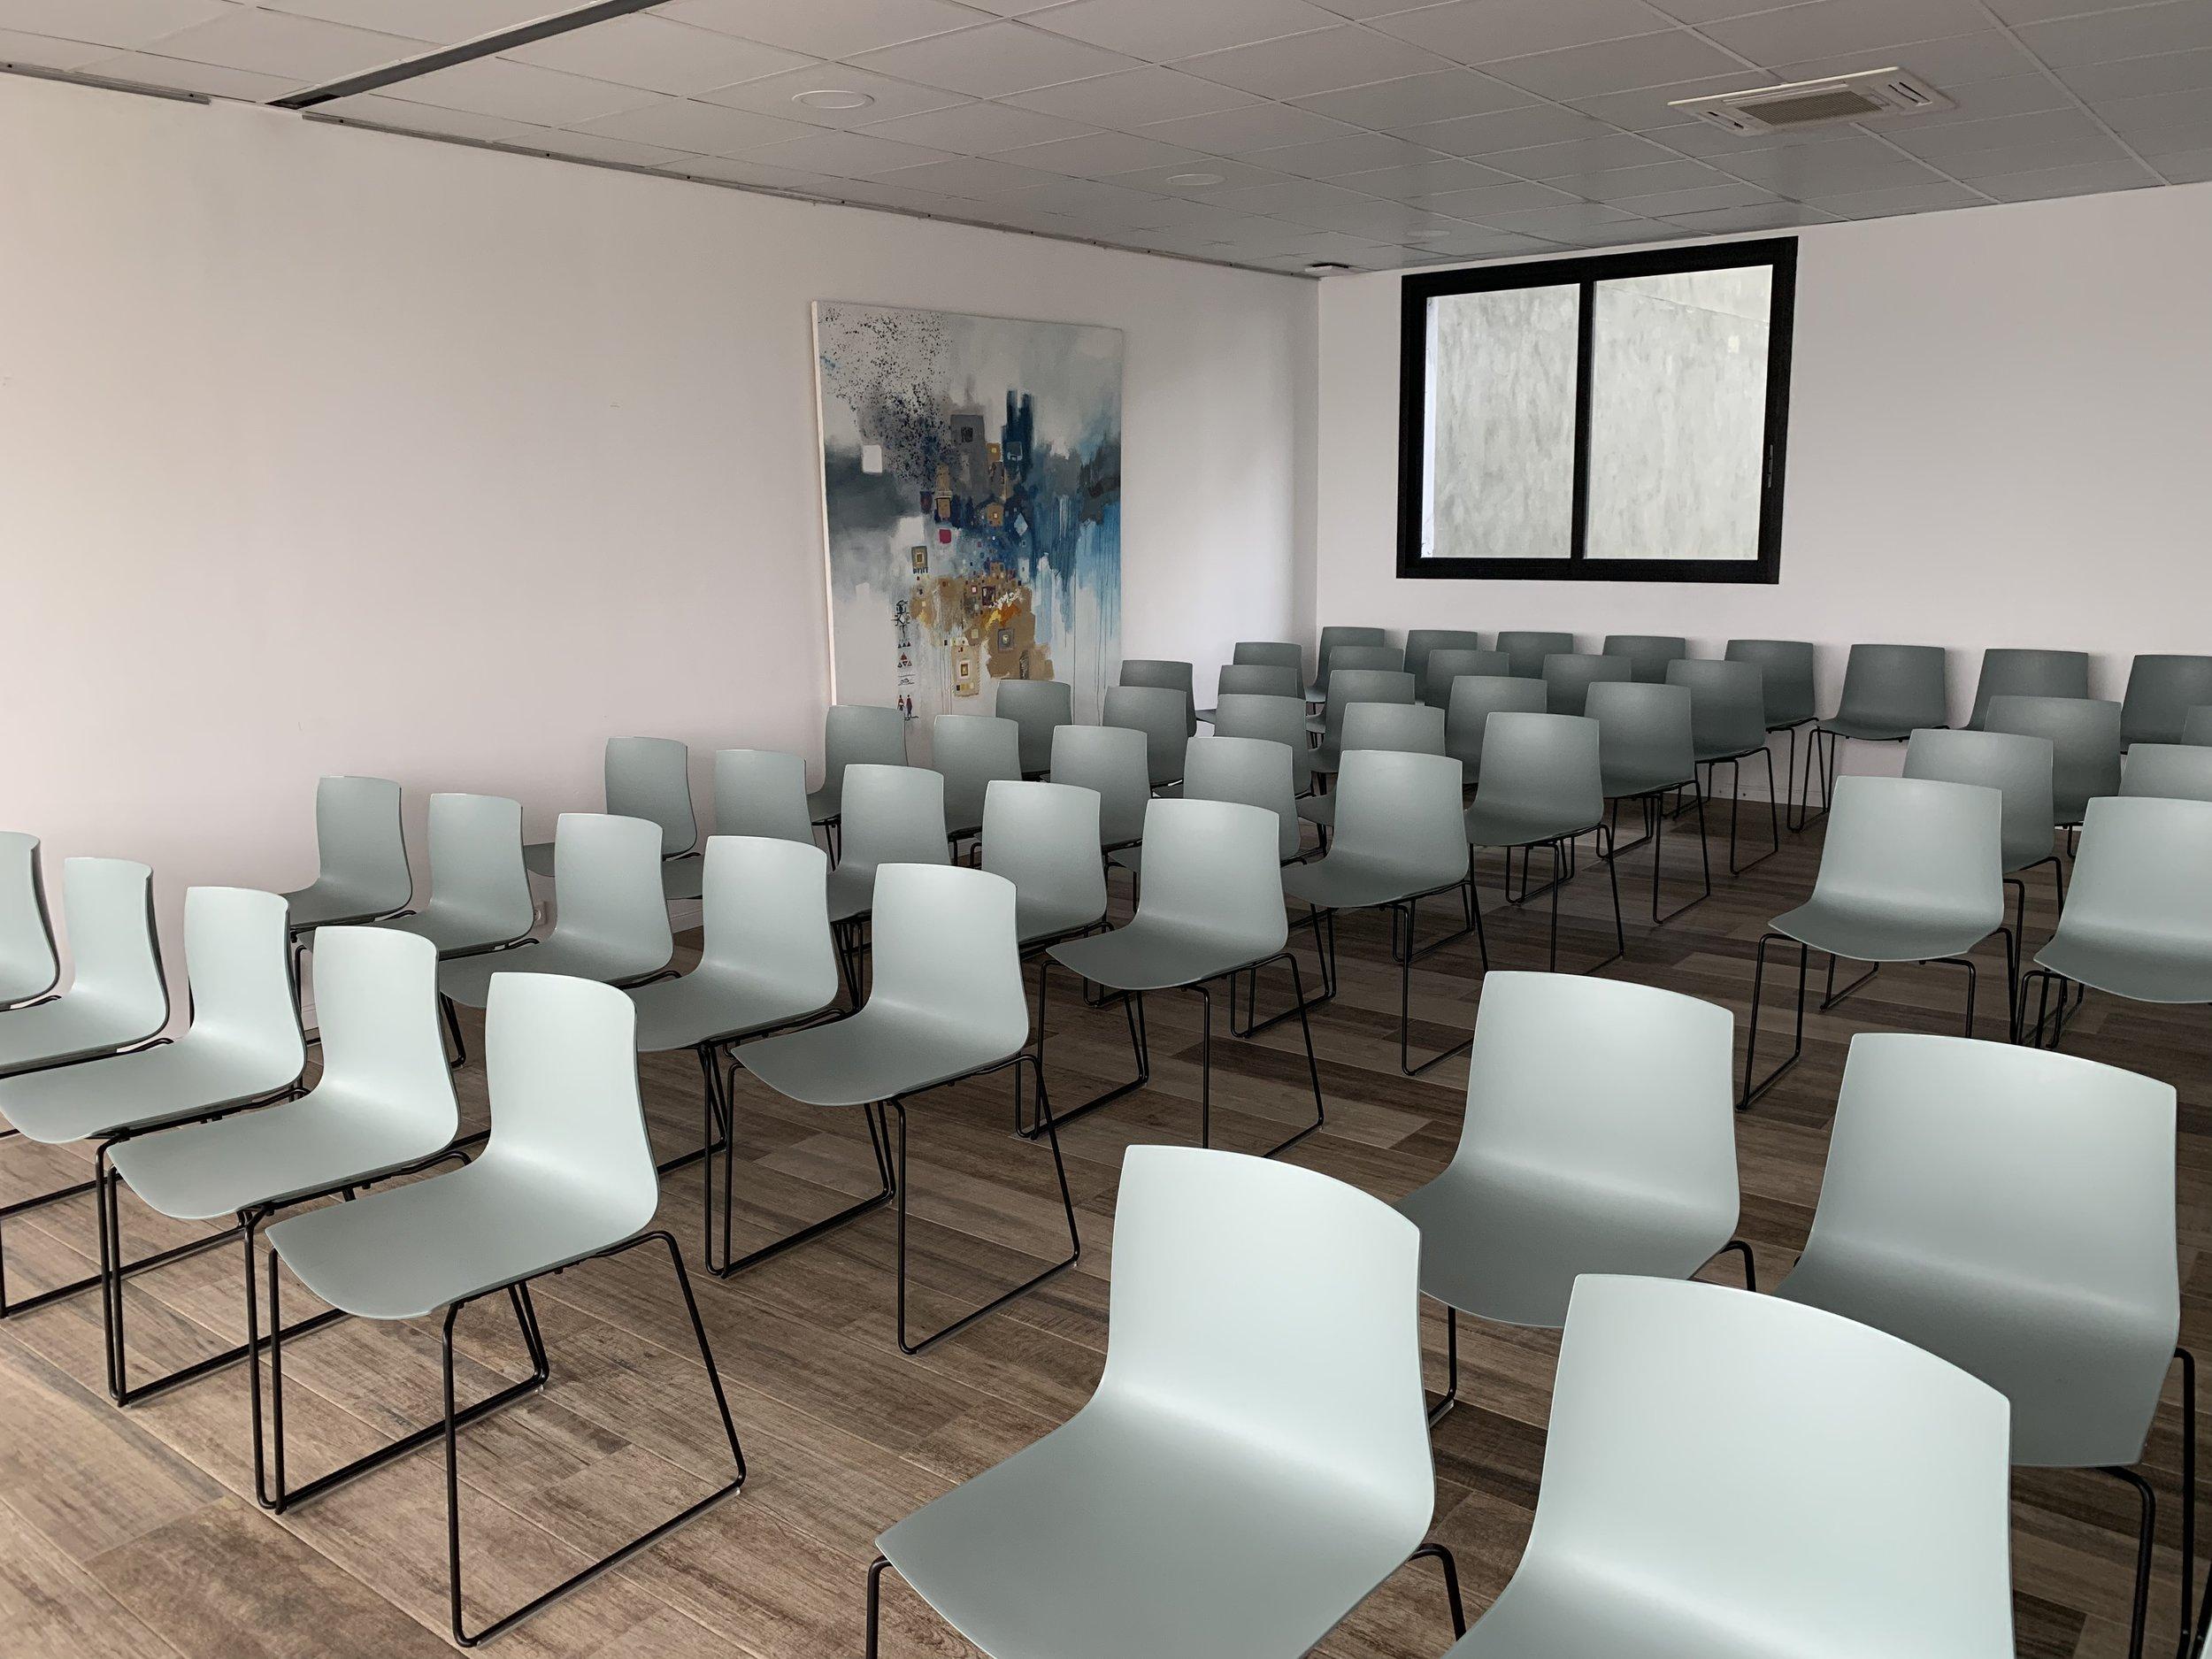 UN ESPACE ÉVÈNEMENTIEL IDÉAL - Que vous prévoyiez une conférence, une présentation ou encore une réunion de conseil d'administration. Que vous organisiez un atelier de formation professionnelle, une journée de séminaire ou encore une soirée networking, le choix du lieu est la clé de la réussite de votre événement. Pour tous vos événements d'entreprise de 10 à 150 personnes, notre équipe est à vos côtés, à chaque instant pour vous garantir une expérience mémorable.